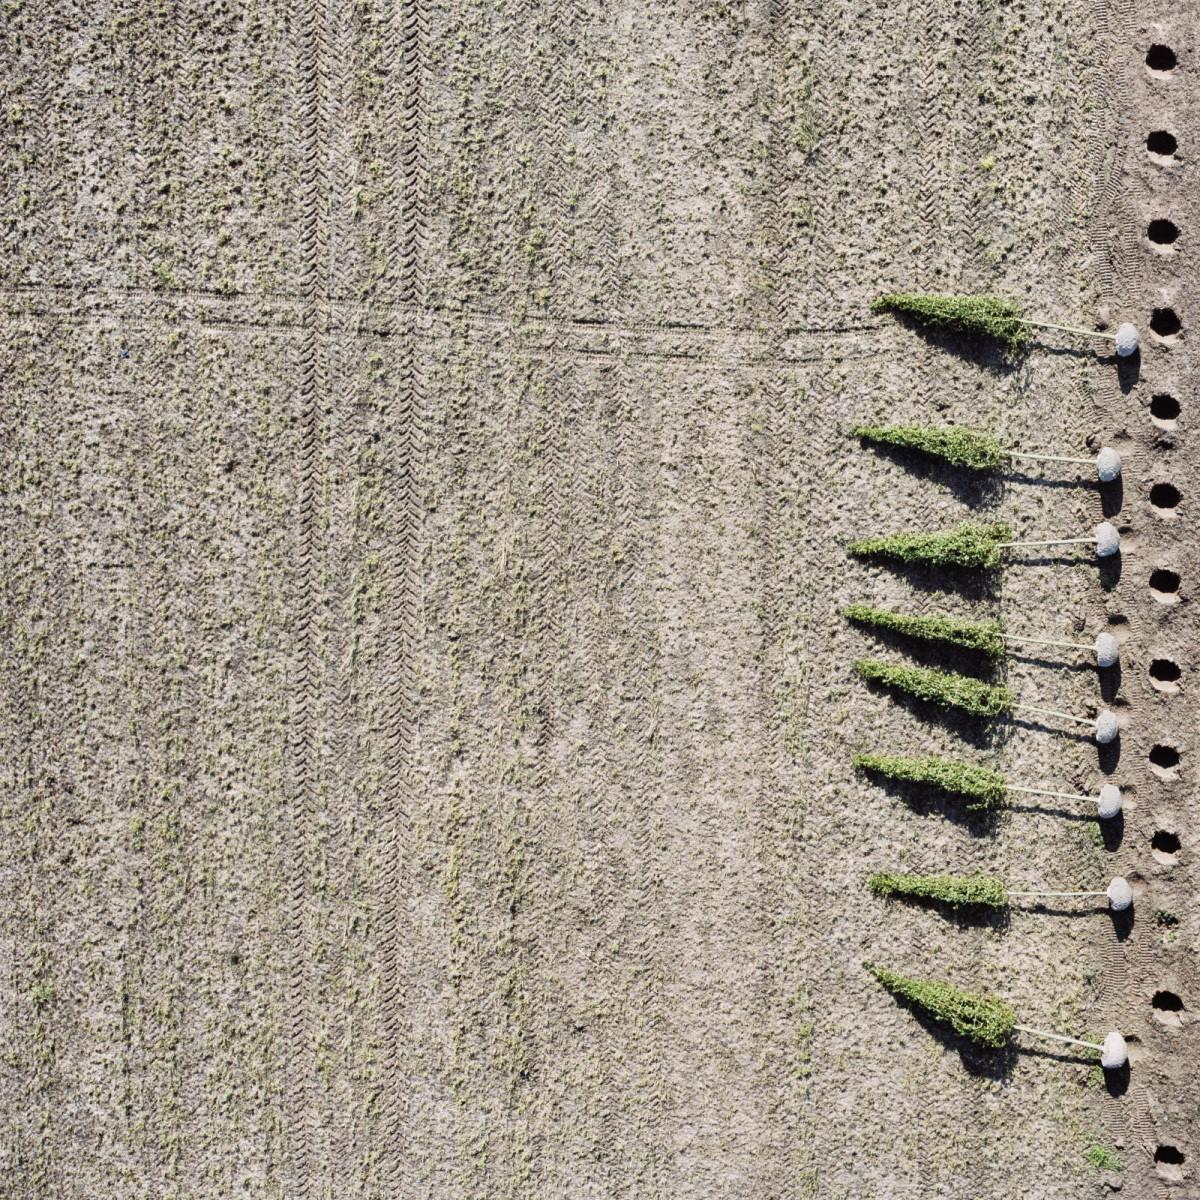 fotografia aerea de Gerco Ruijte